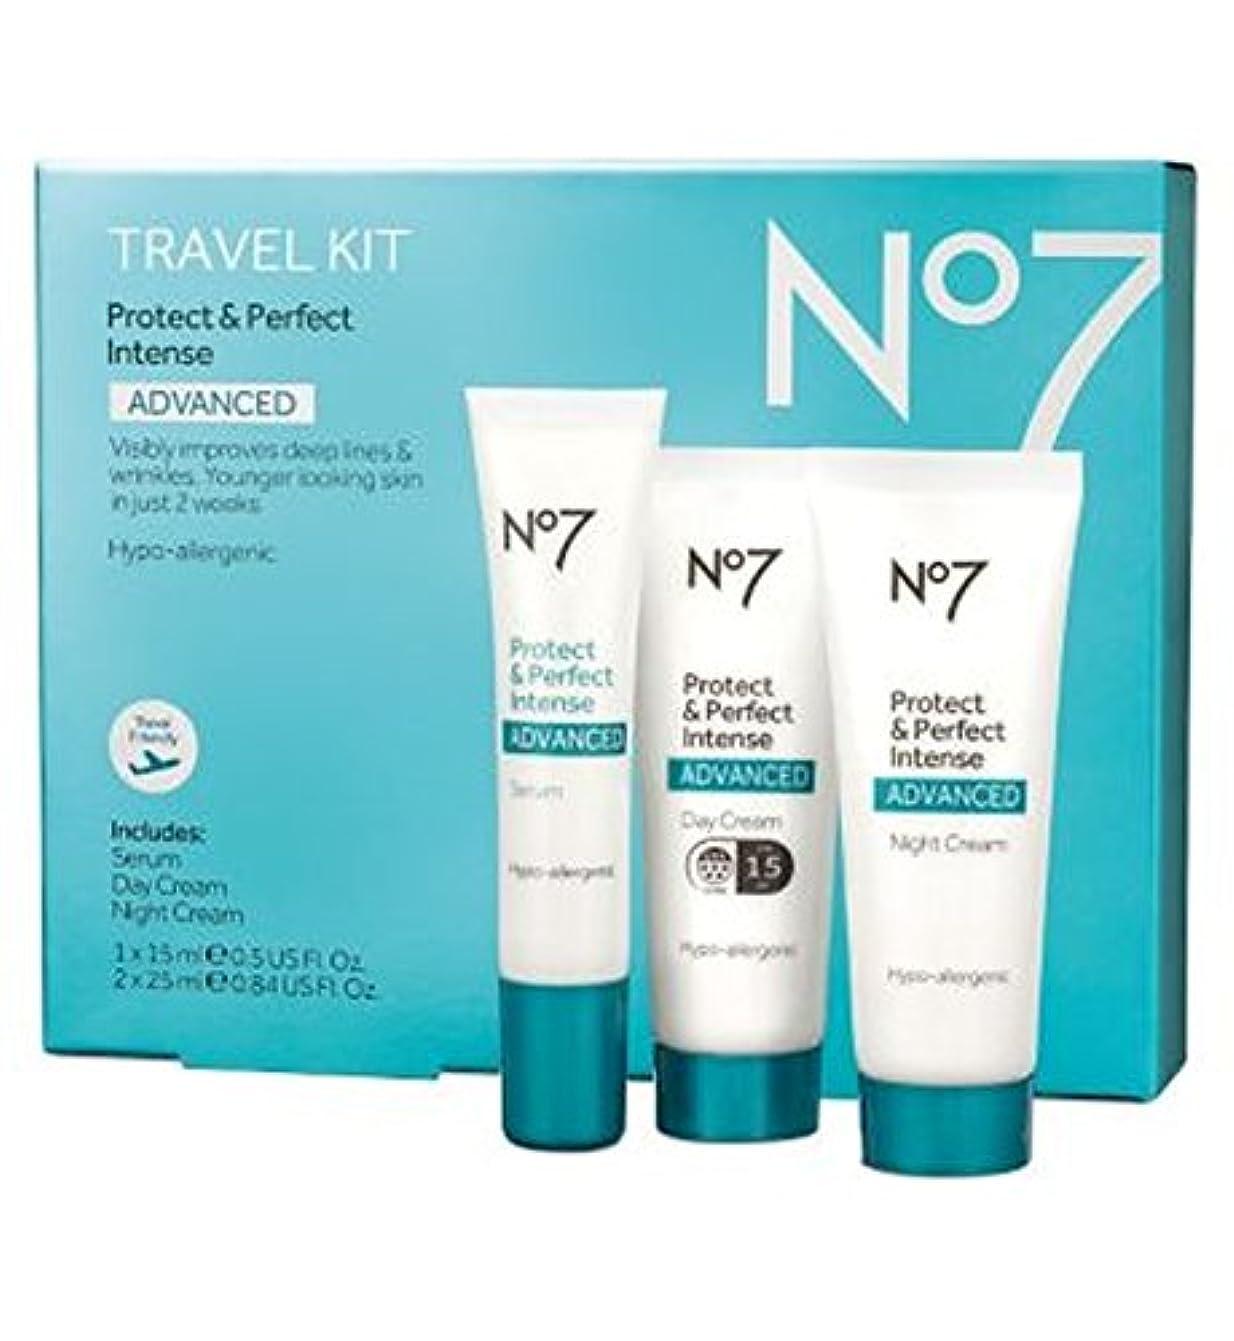 遊びます嫌悪球状No7 Protect & Perfect Intense ADVANCED Travel Kit - No7保護&完璧な強烈な高度な旅行キット (No7) [並行輸入品]